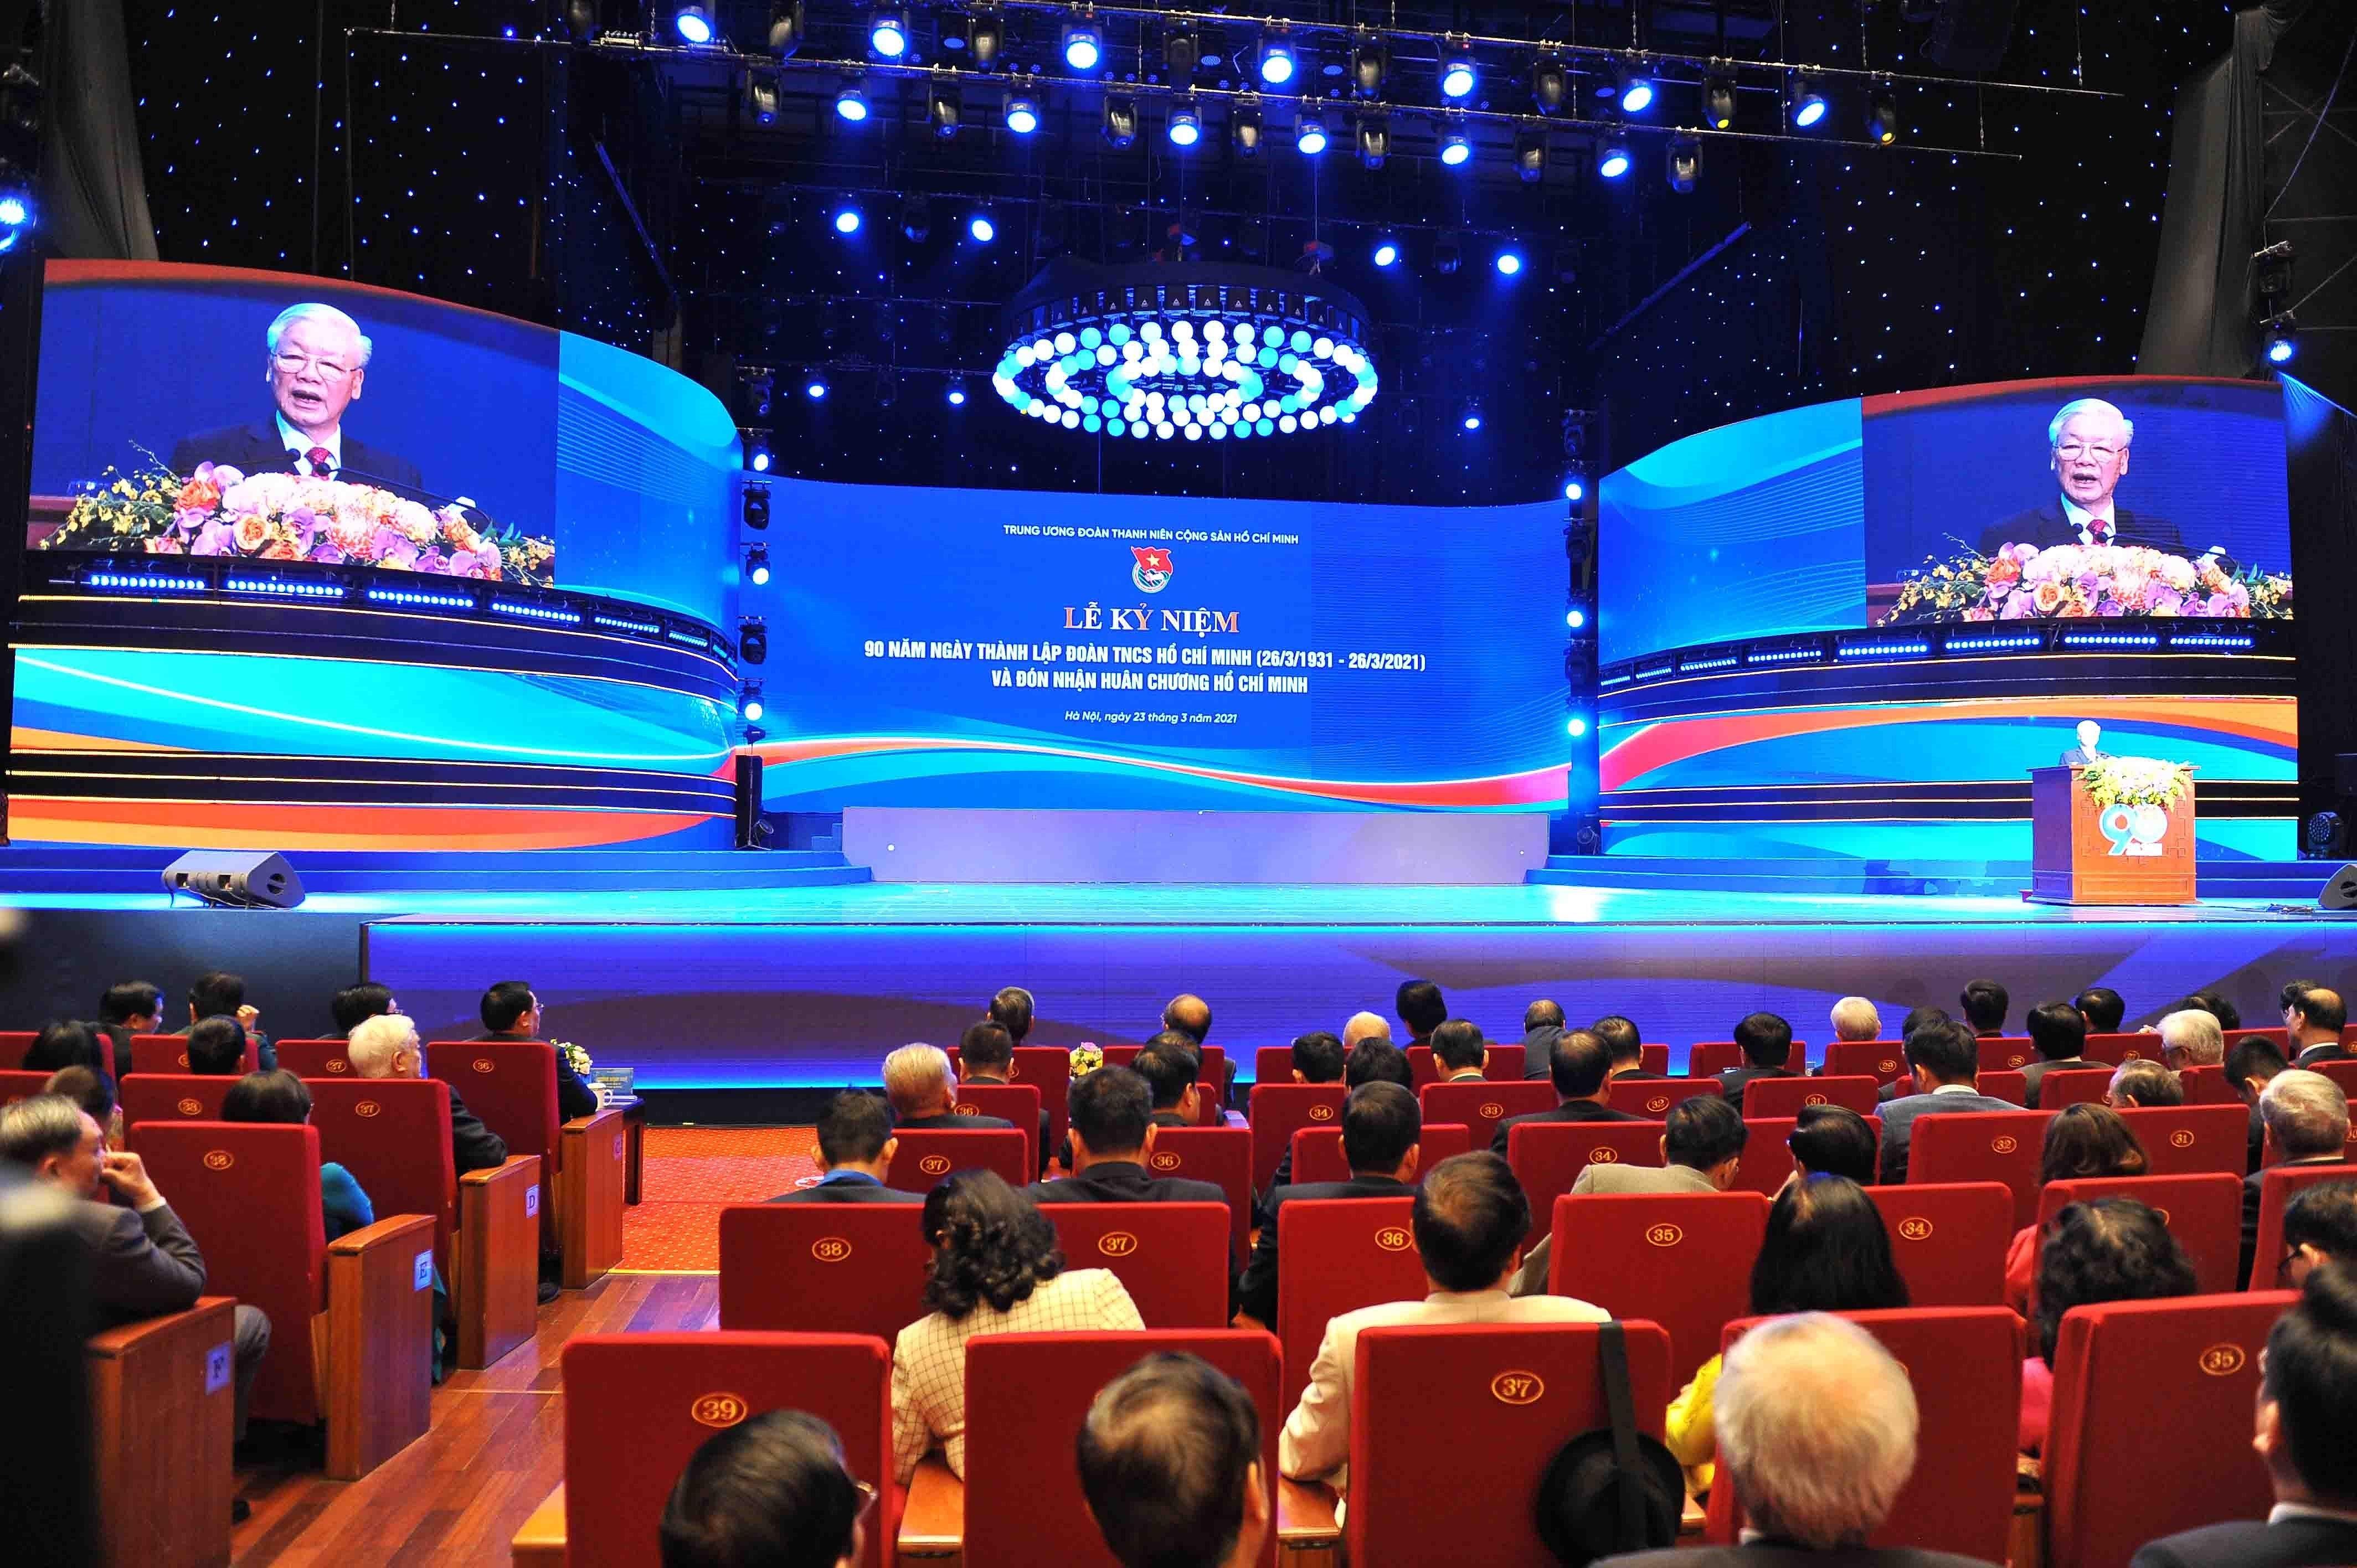 组图:胡志明共青团成立90周年纪念典礼隆重举行 hinh anh 1